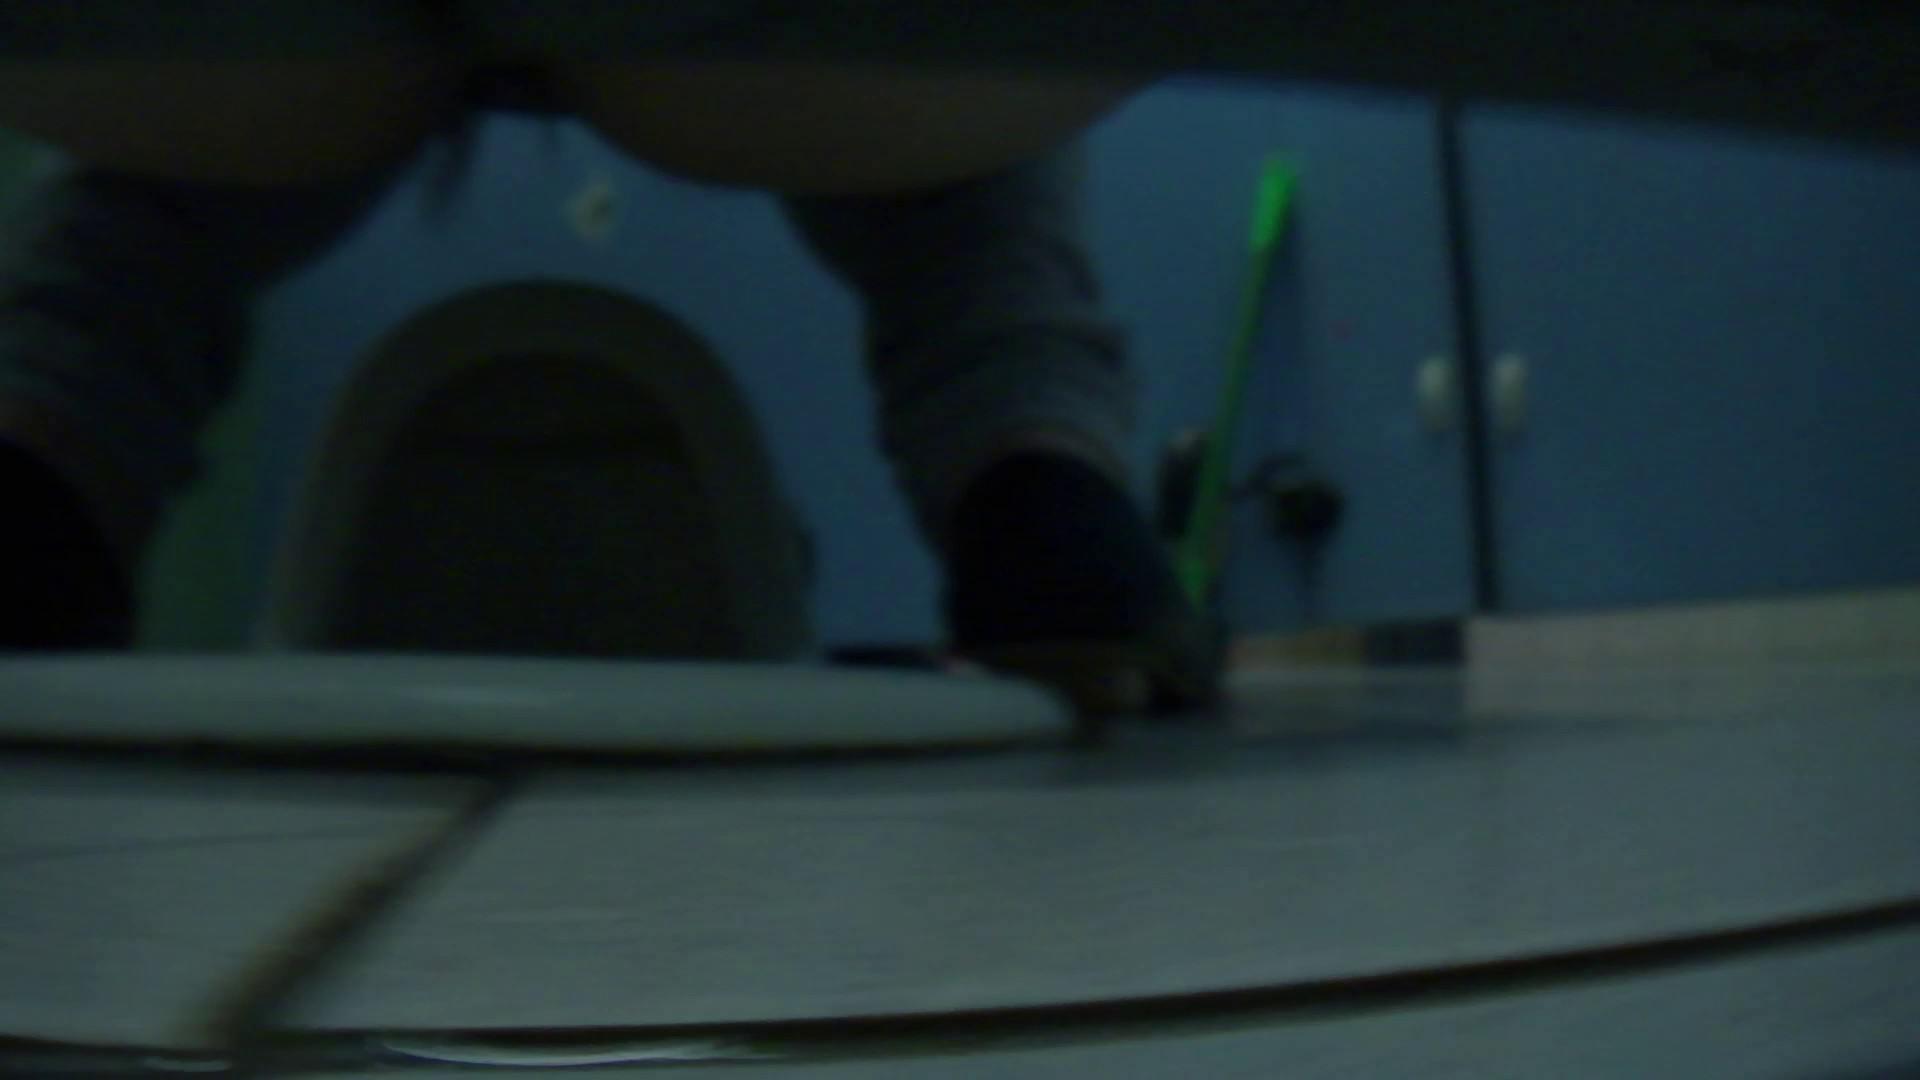 JD盗撮 美女の洗面所の秘密 Vol.78 細身・スレンダー AV動画キャプチャ 89画像 4